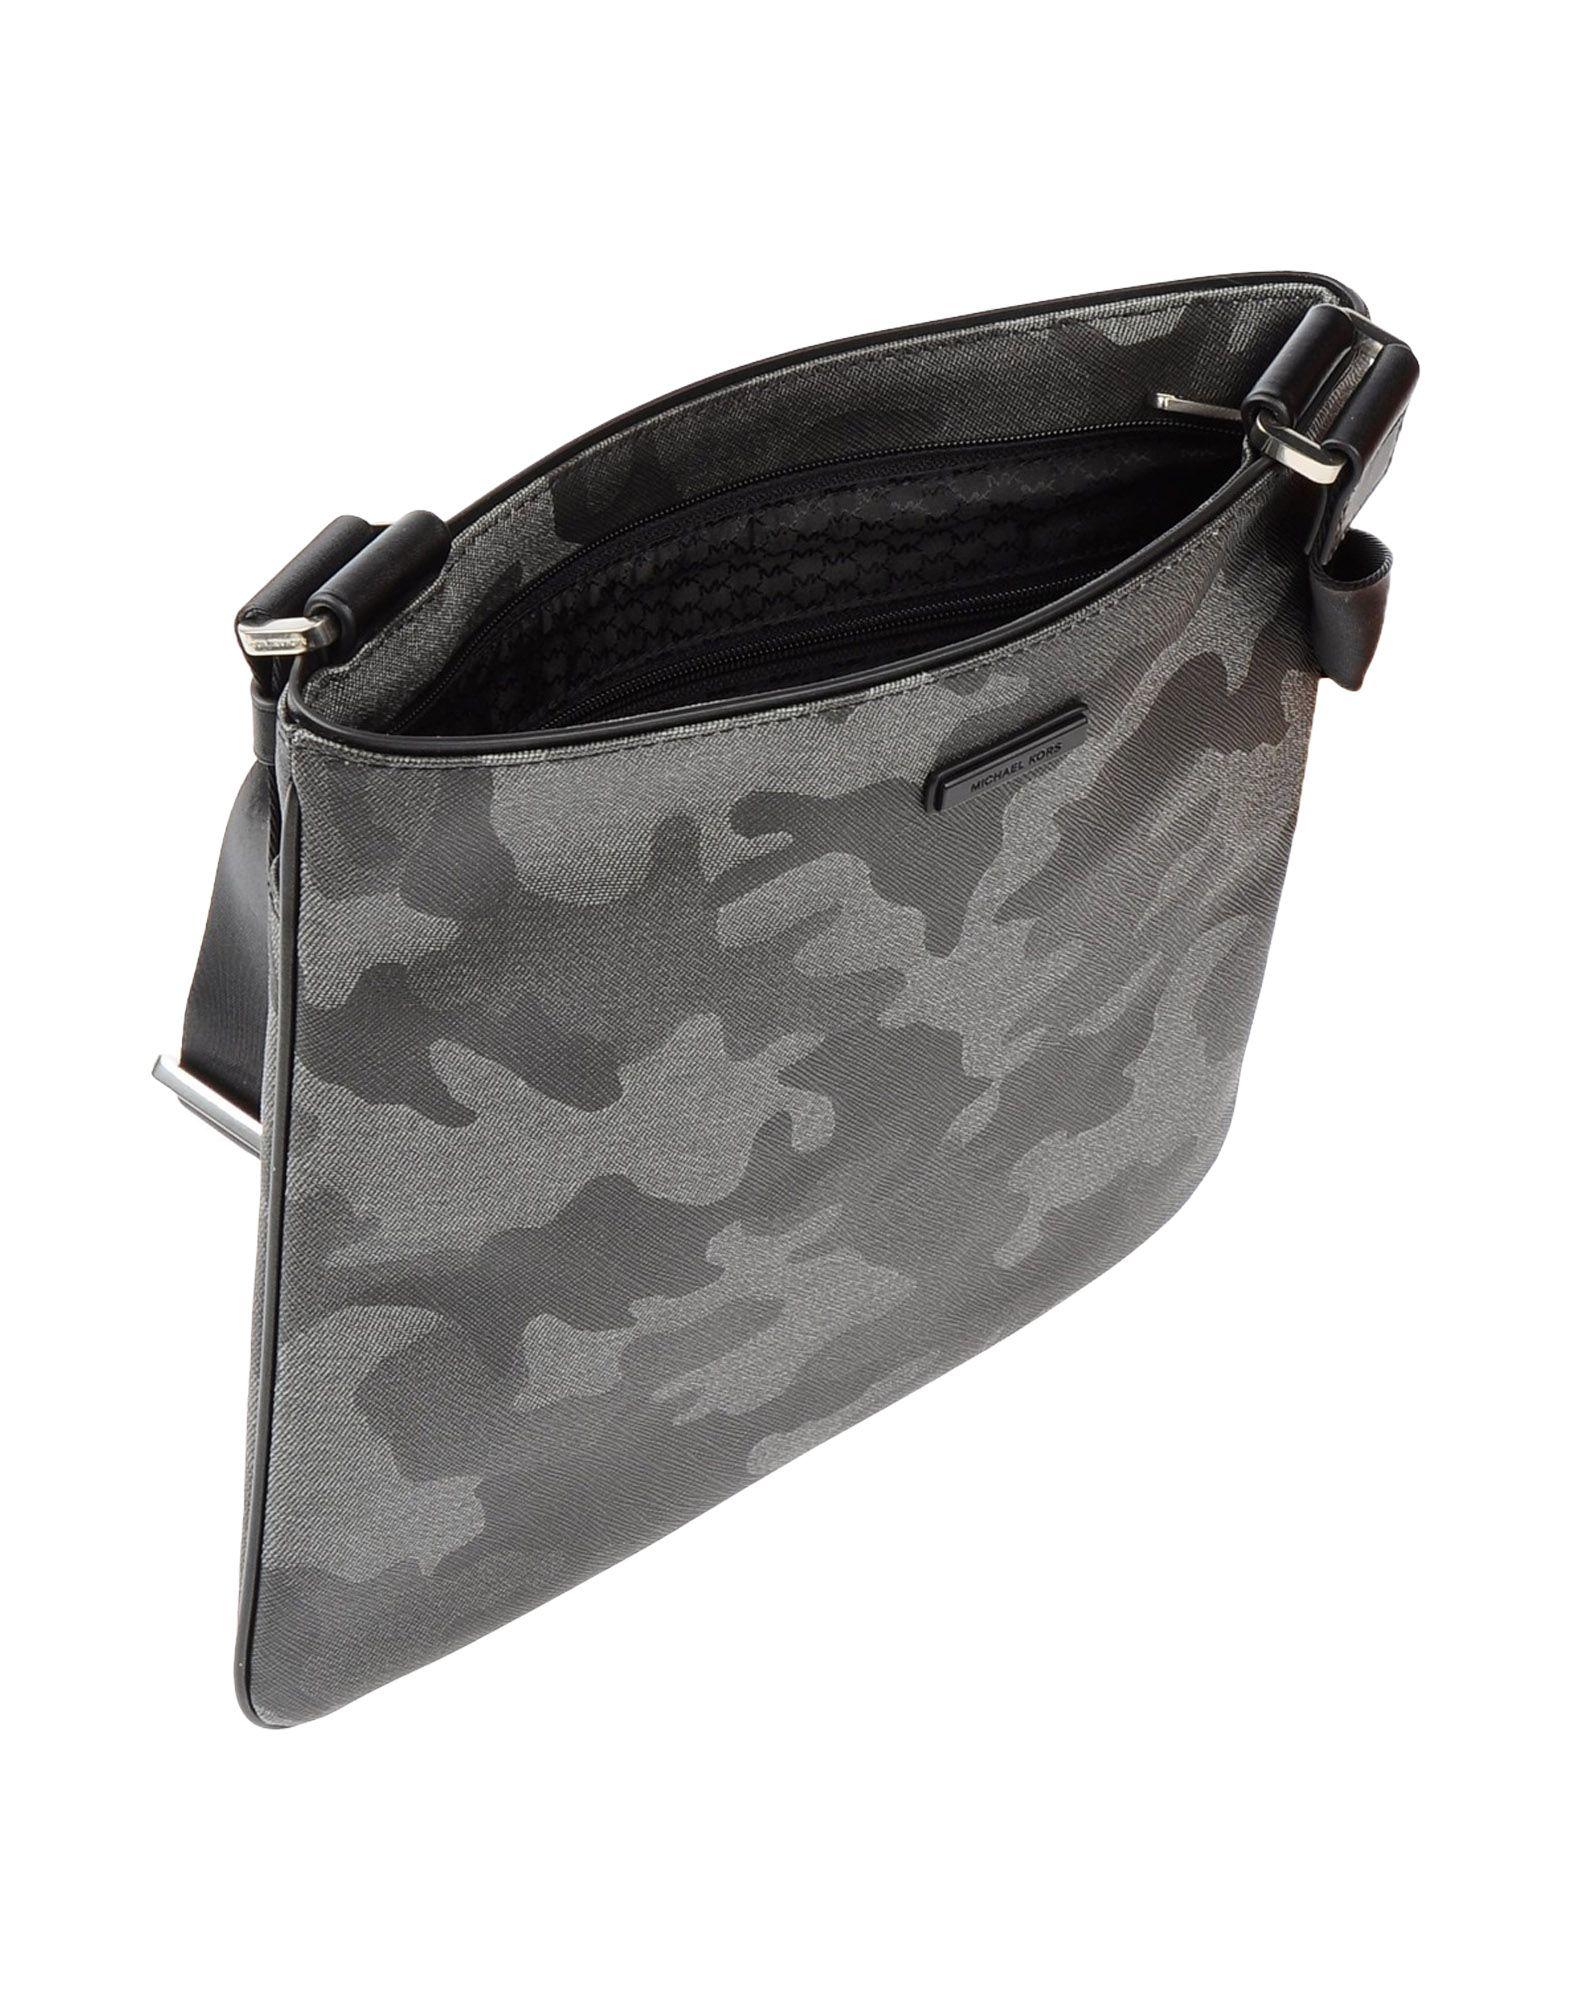 f858e4f7725a Lyst - Michael Kors Cross-body Bag in Gray for Men